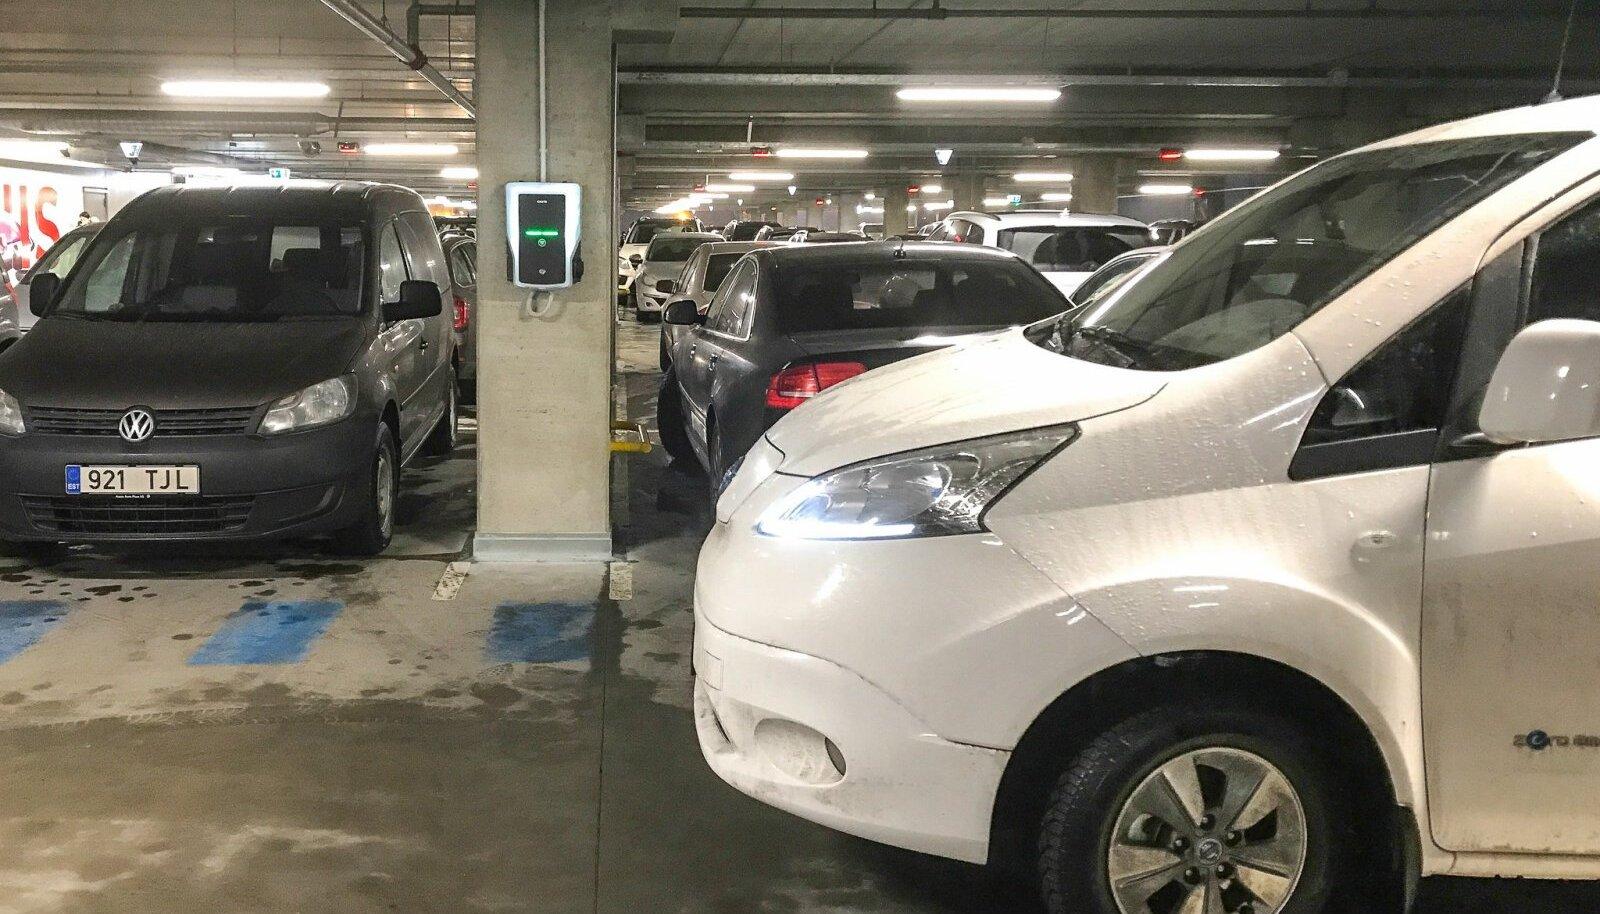 Elektriauto laadija T1 kaubanduskeskuses